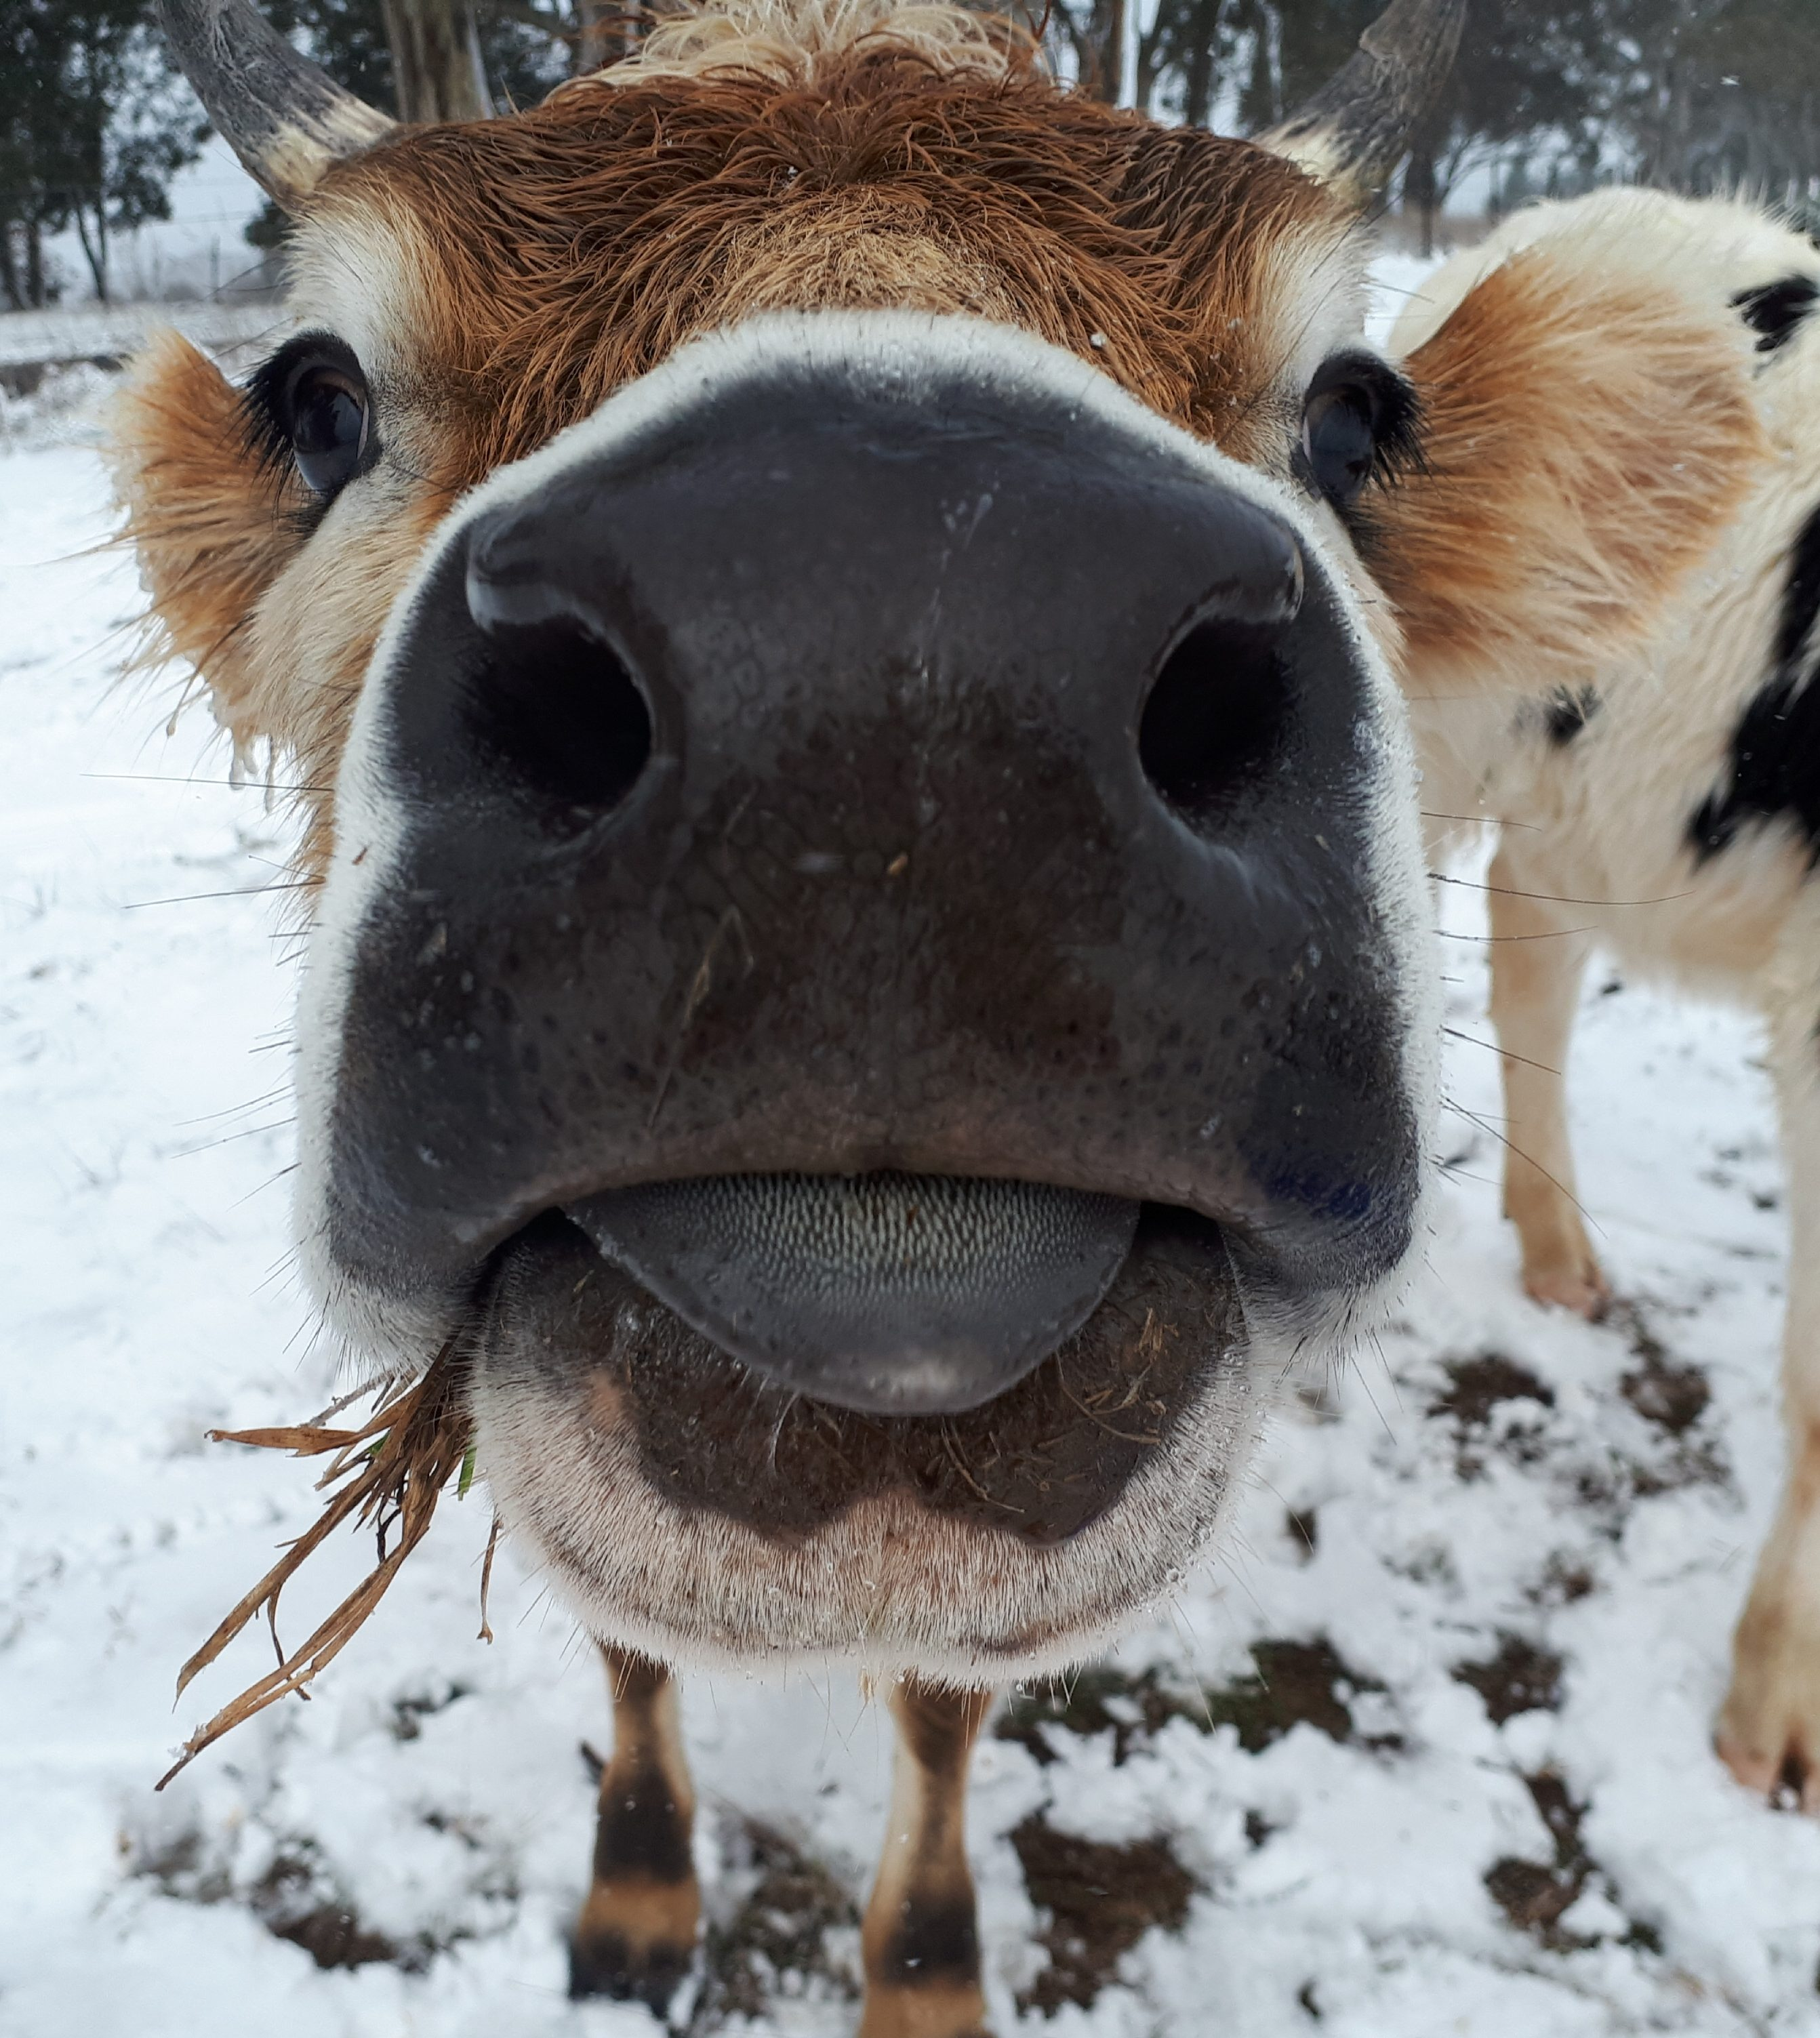 SnugFarm dairy cows